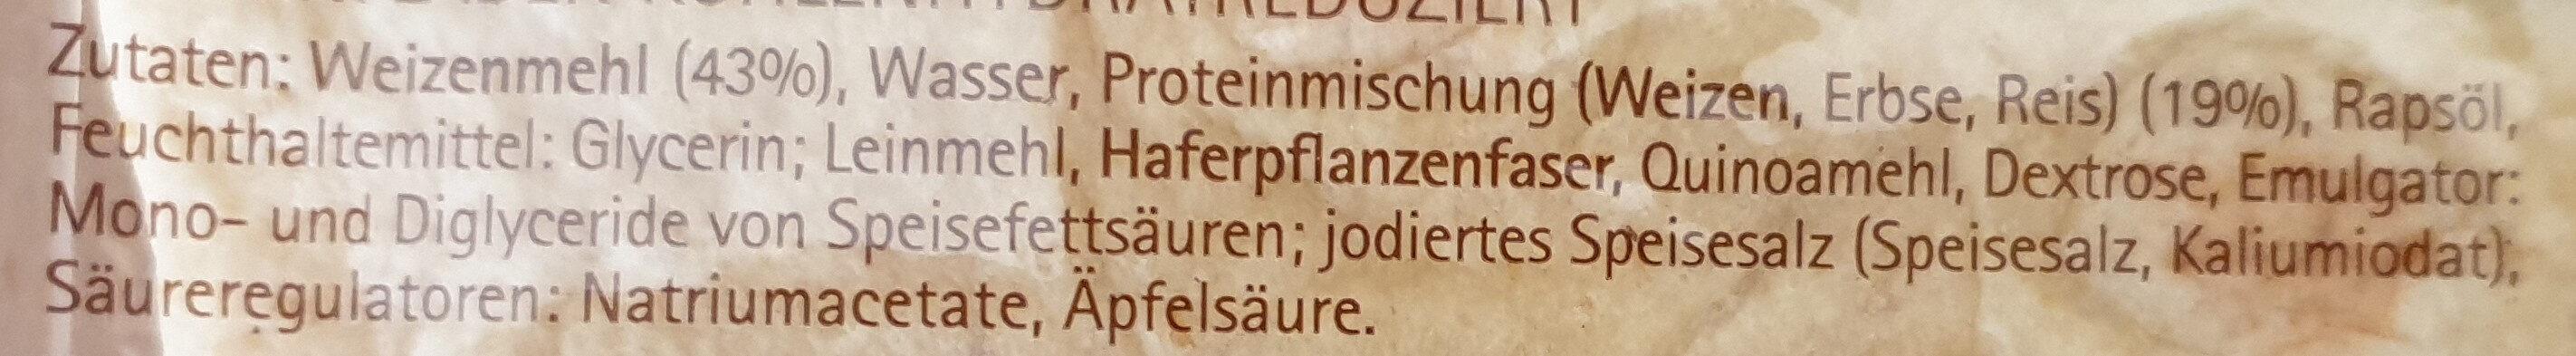 Eiweiß - Tortilla (40g=1Tortilla) - Zutaten - de